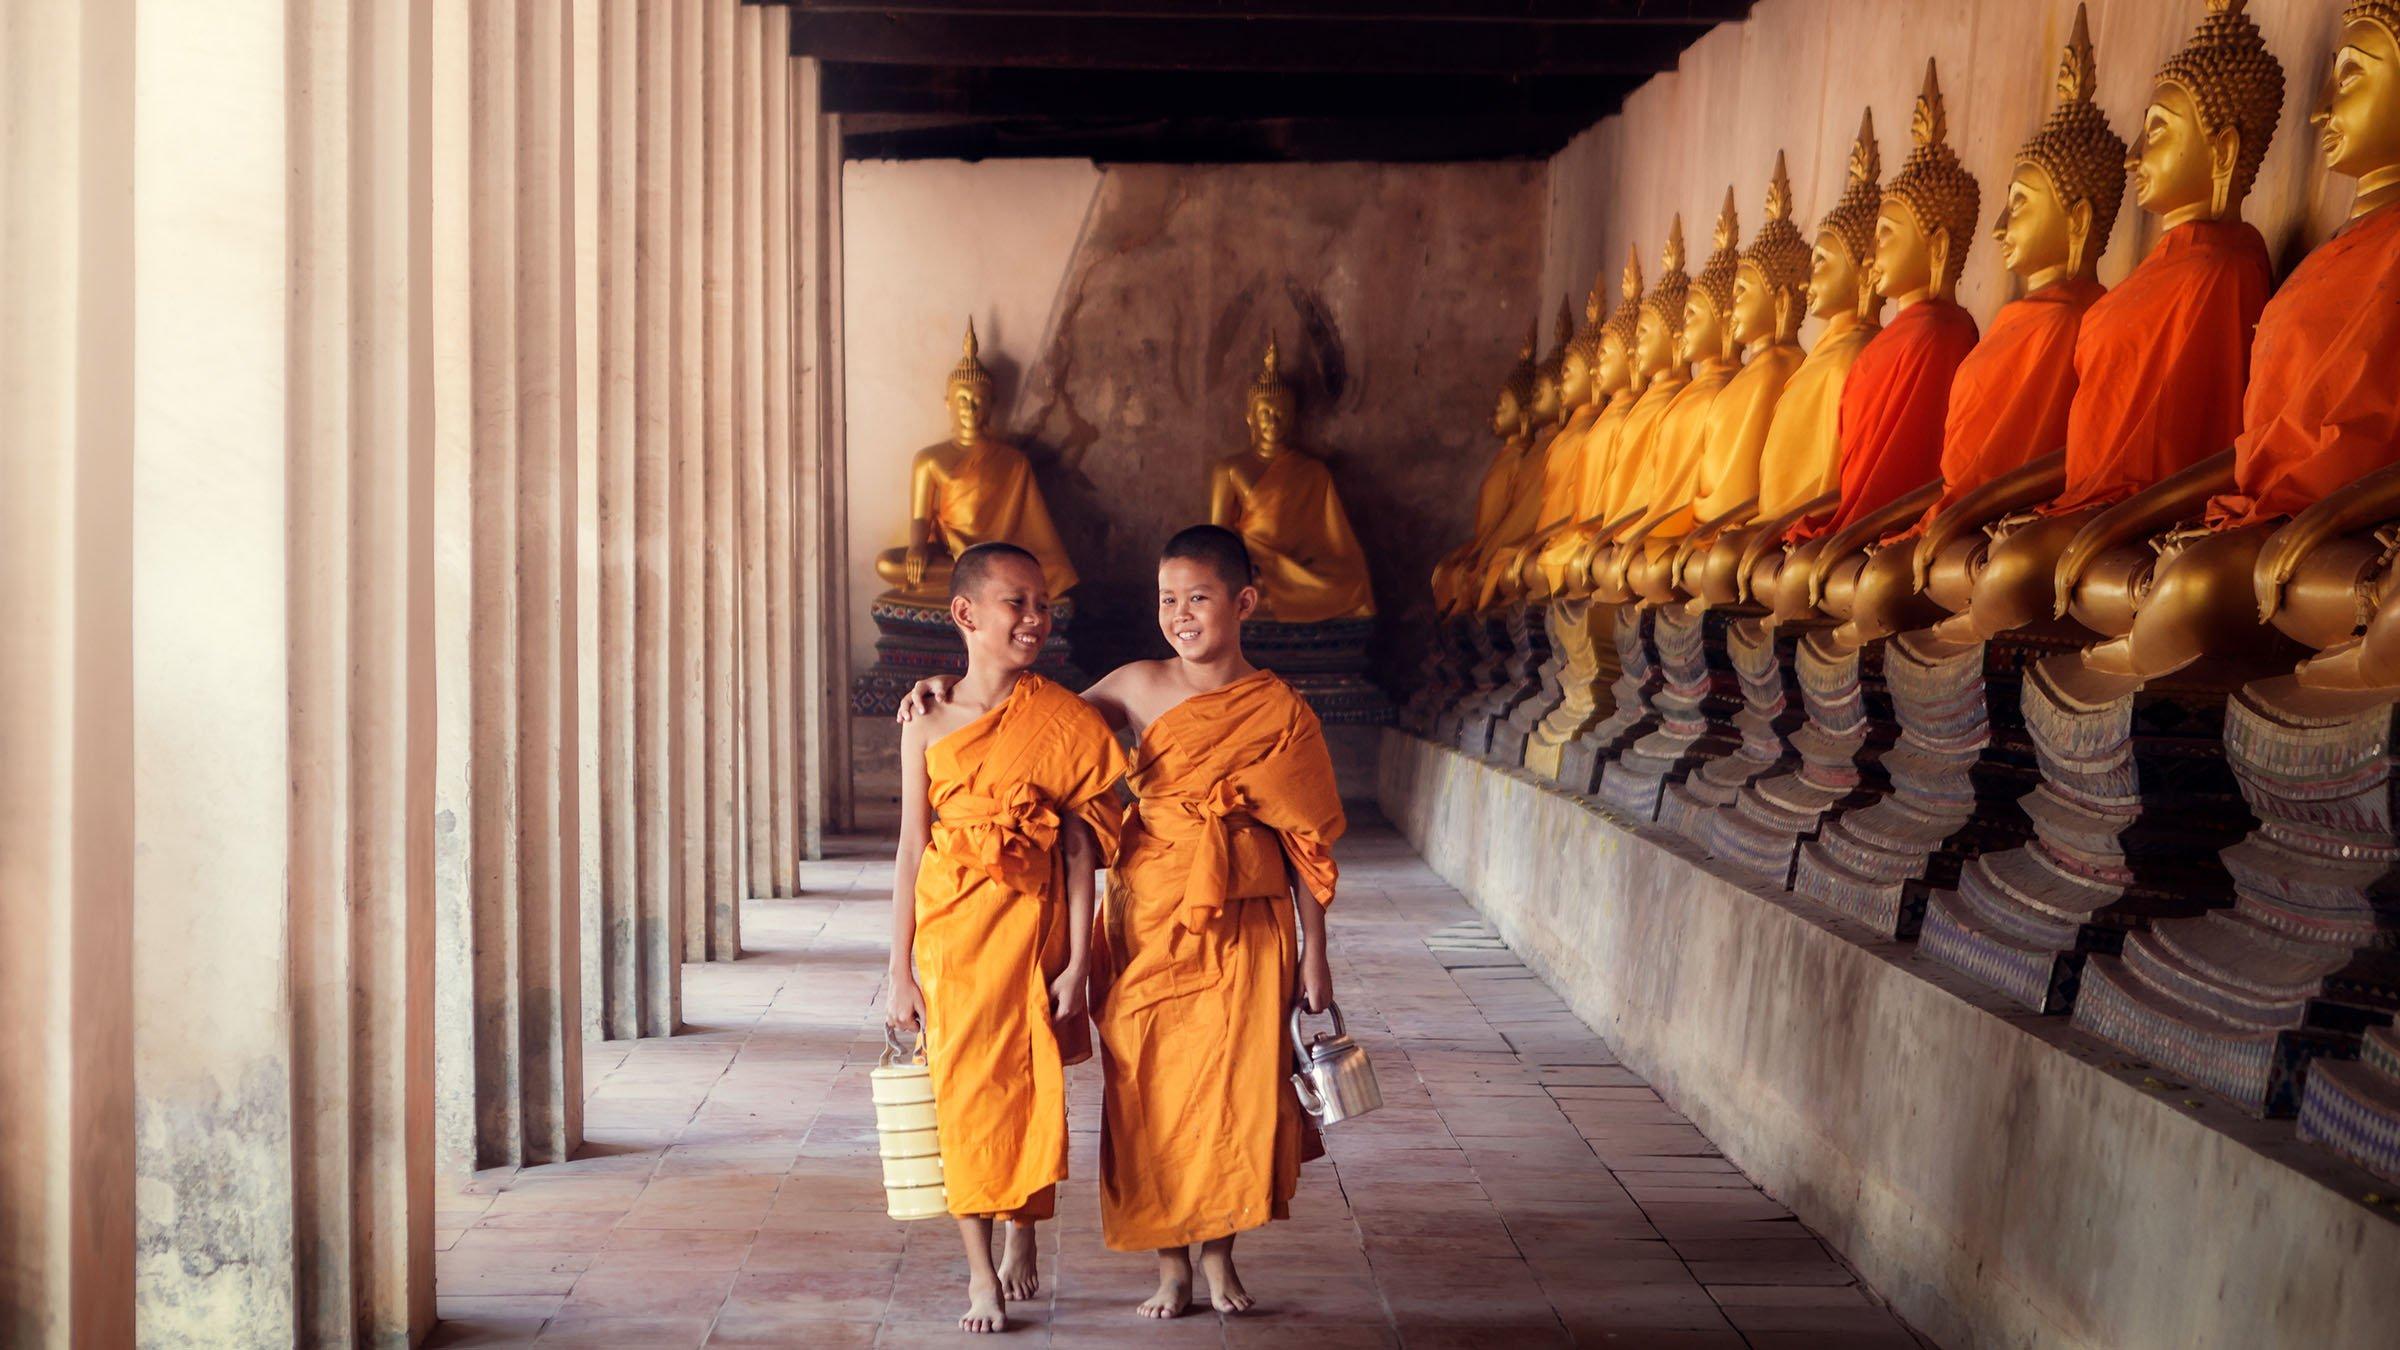 Introducci n a las costumbres y tradiciones el budismo - Mandamientos del budismo ...